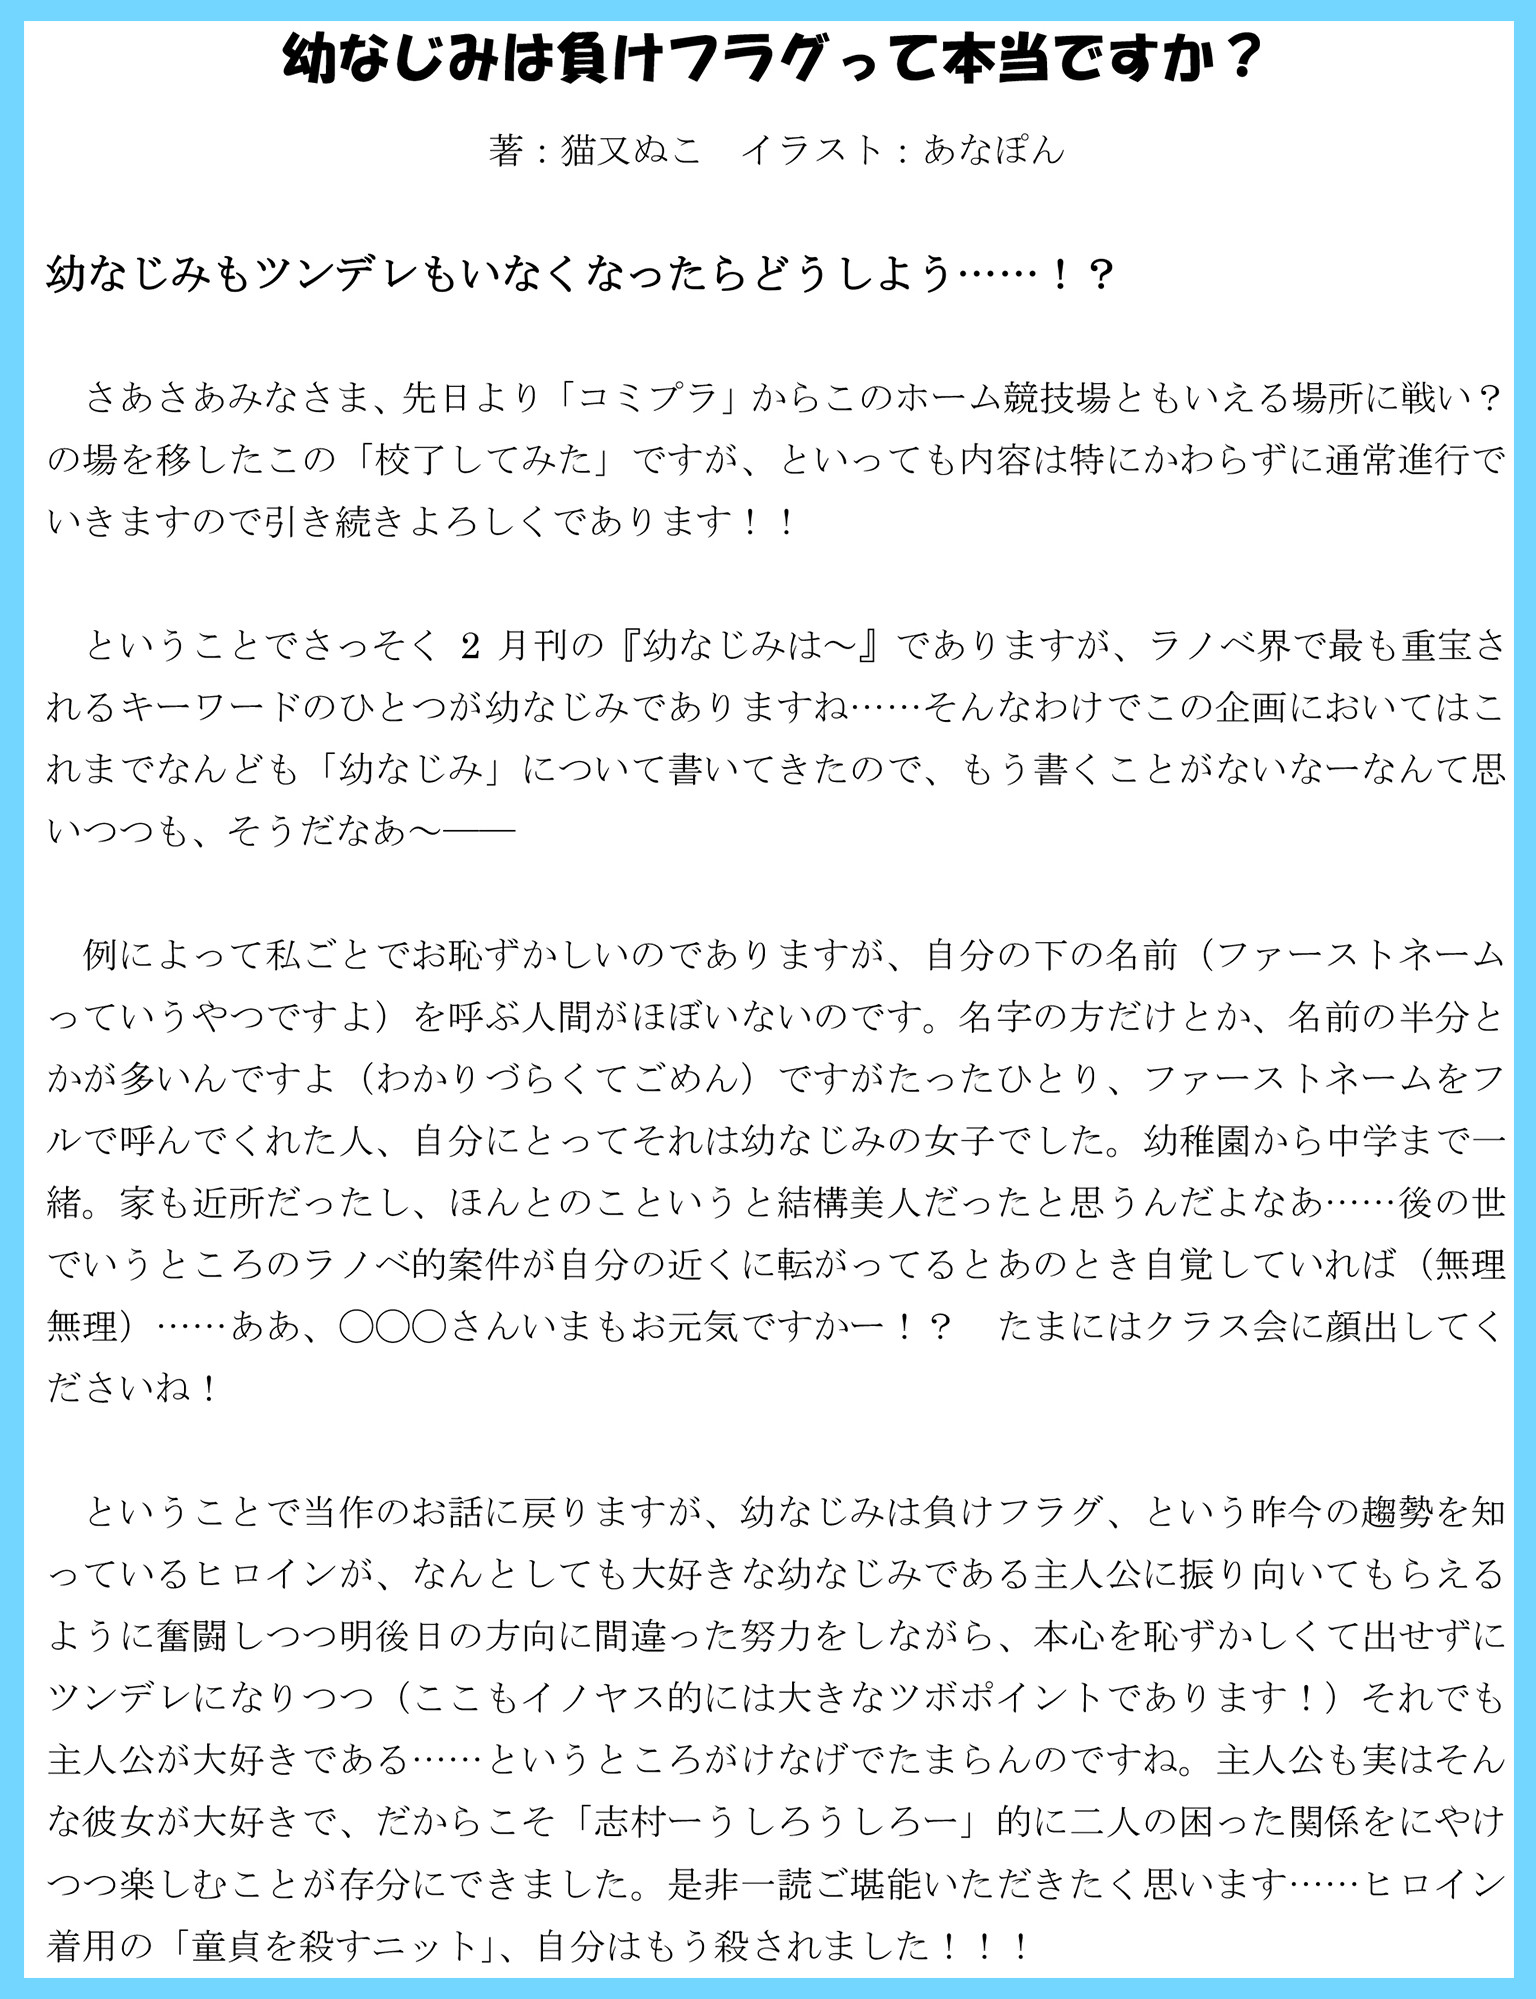 【幼なじみ】_BG